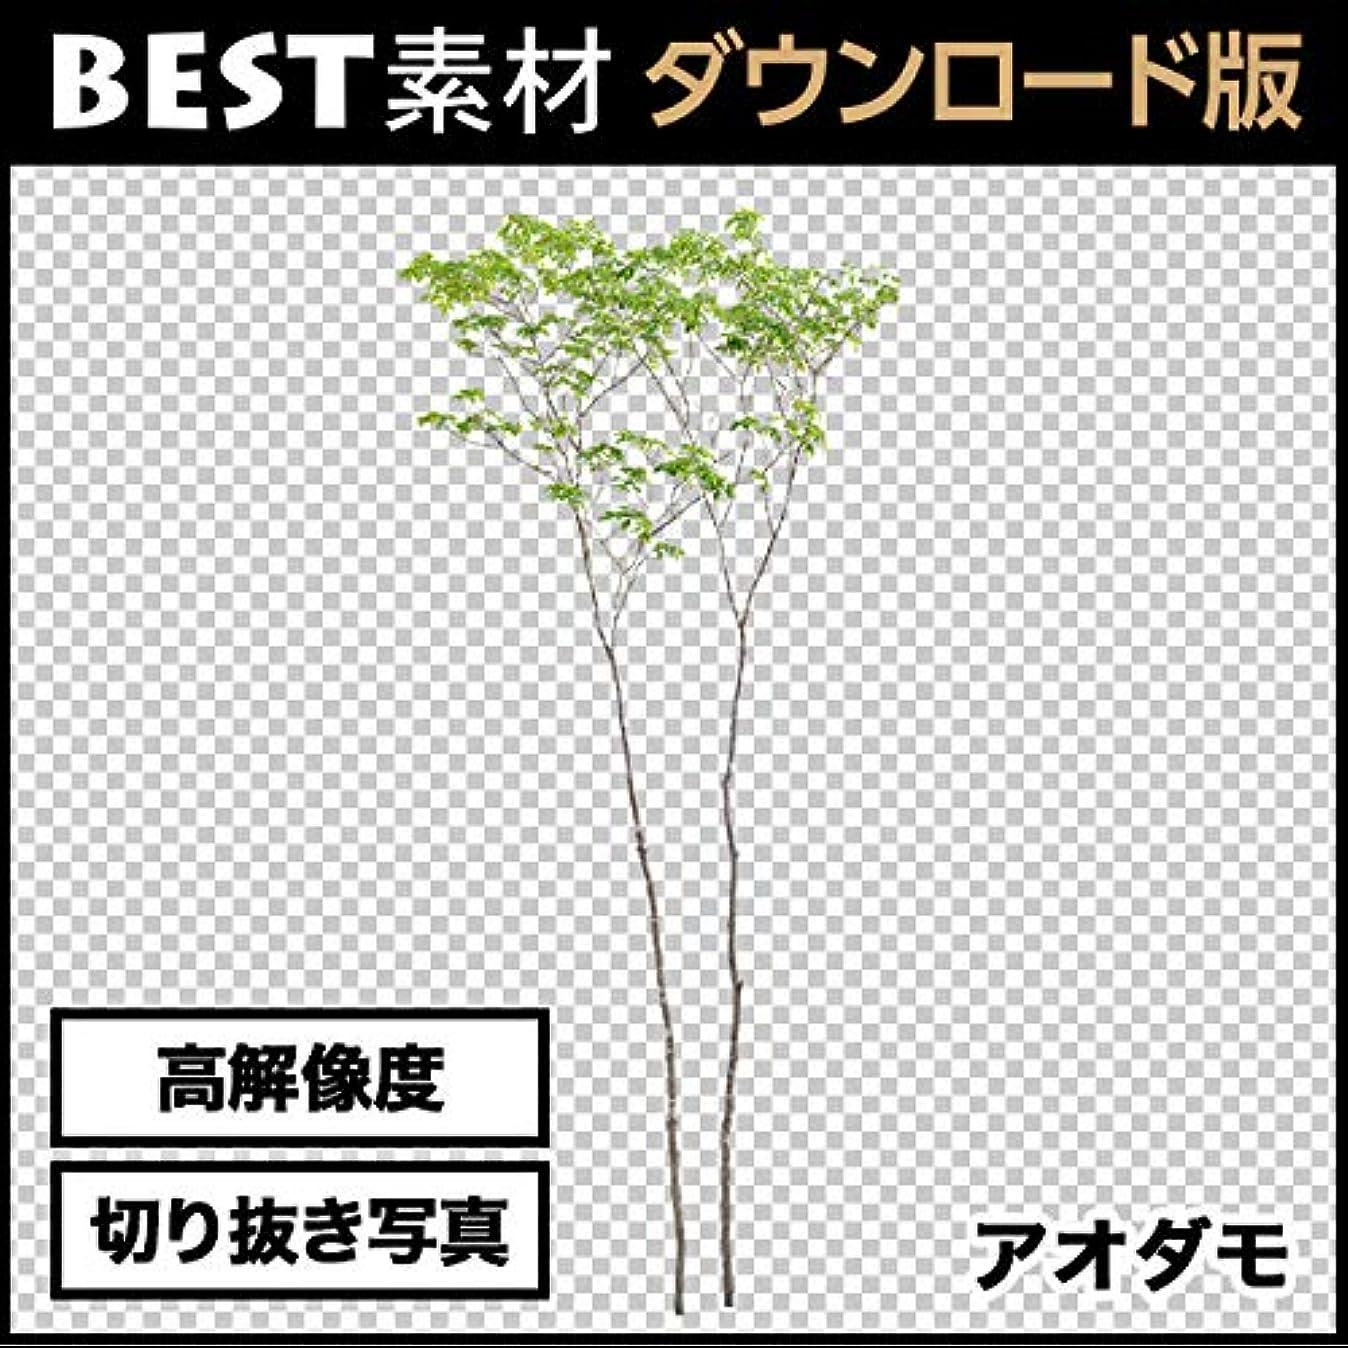 美徳カフェテリアフォーラム【BEST素材】高解像度の切り抜き写真_アオダモ02|ダウンロード版